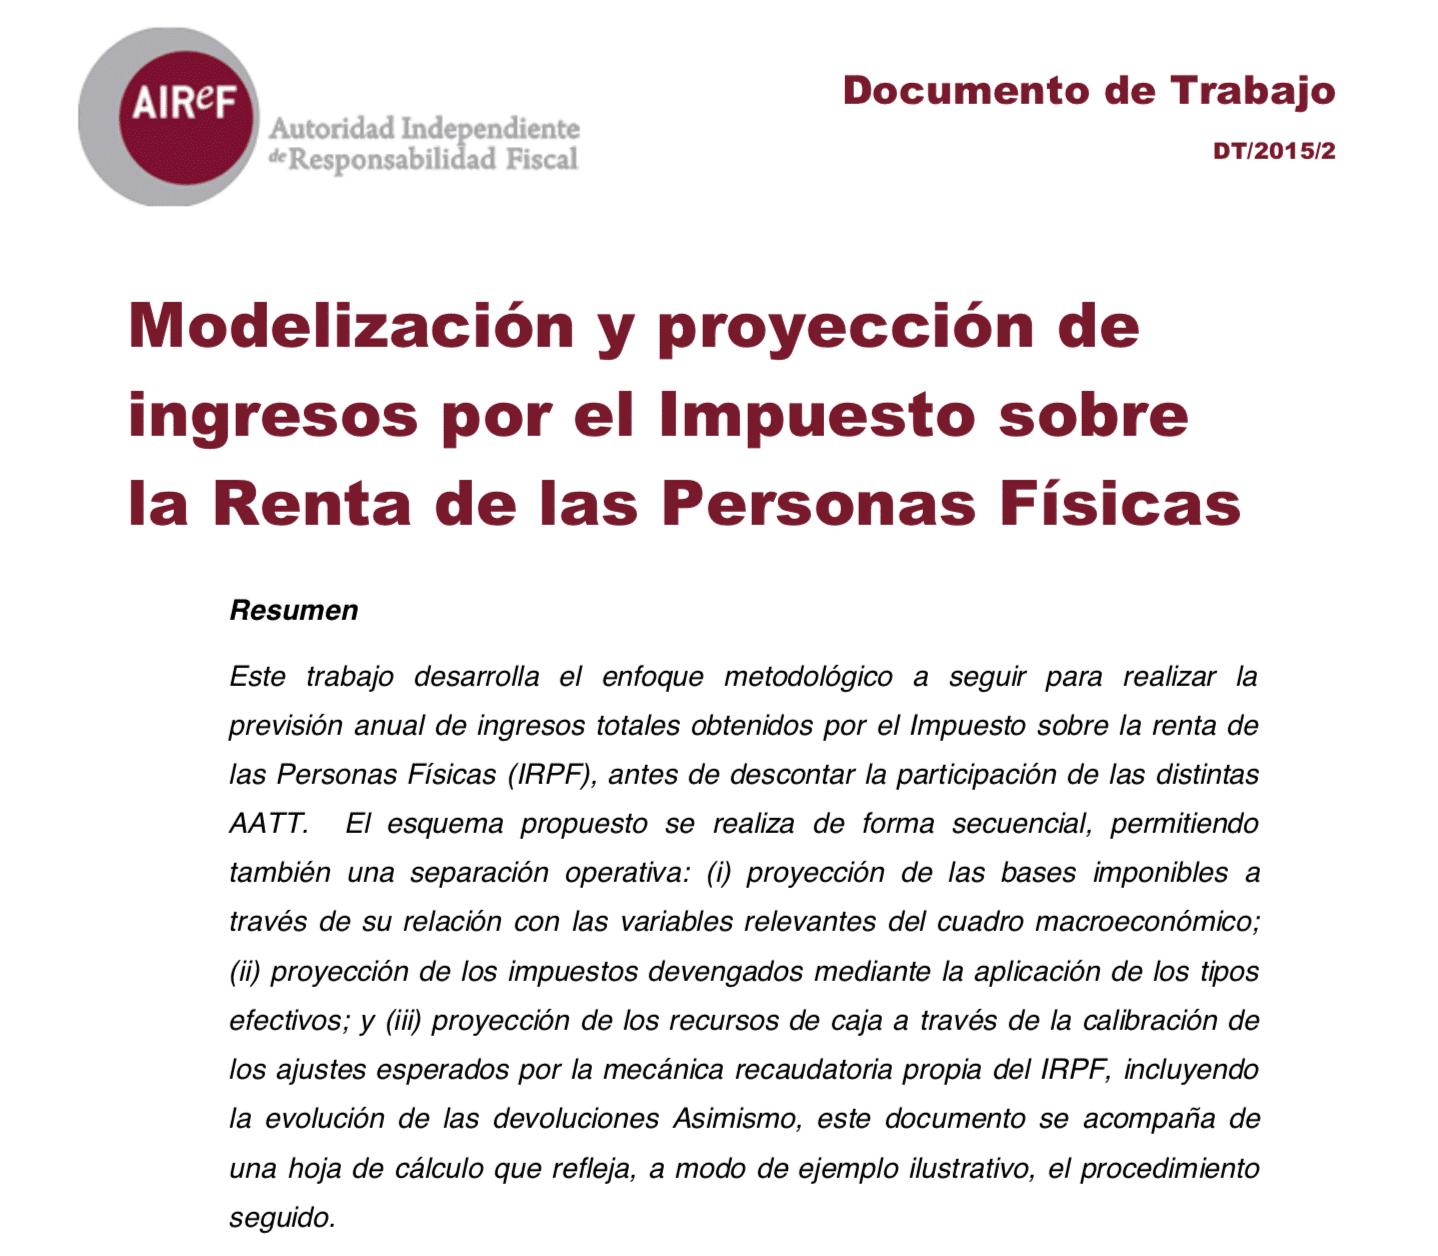 Modelización y proyección de ingresos por el IRPF